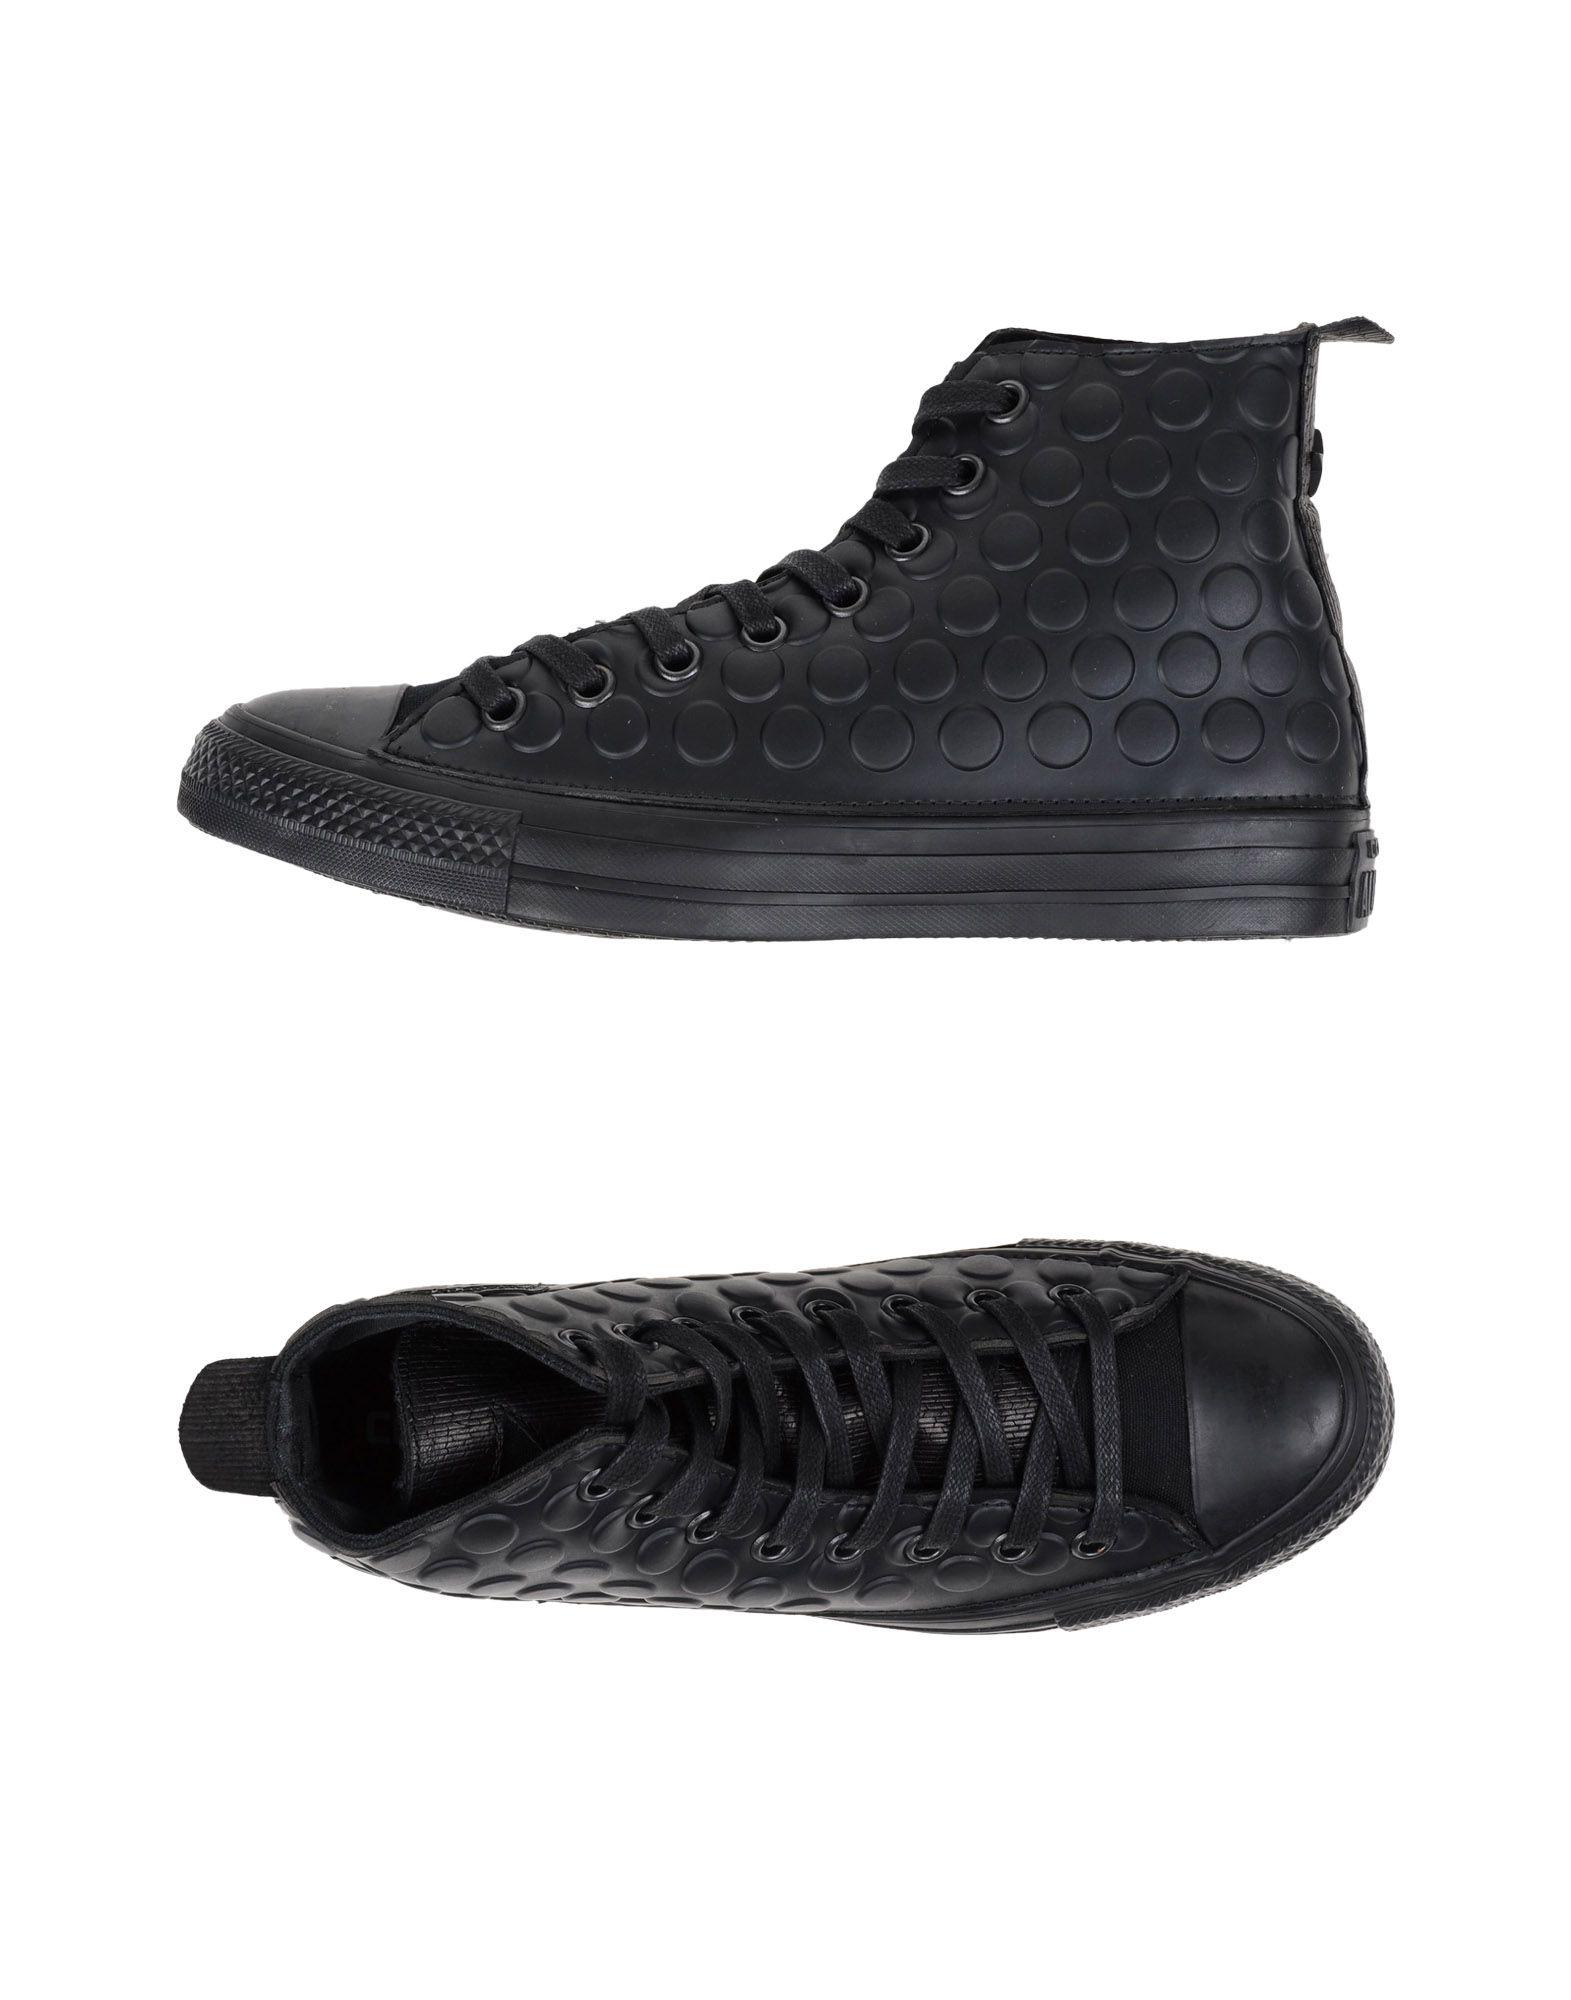 Sneakers Converse Limited Edition All Star Hi Canvas/Leather Ltd Ltd Ltd - Donna - 11121979KI 95ce87